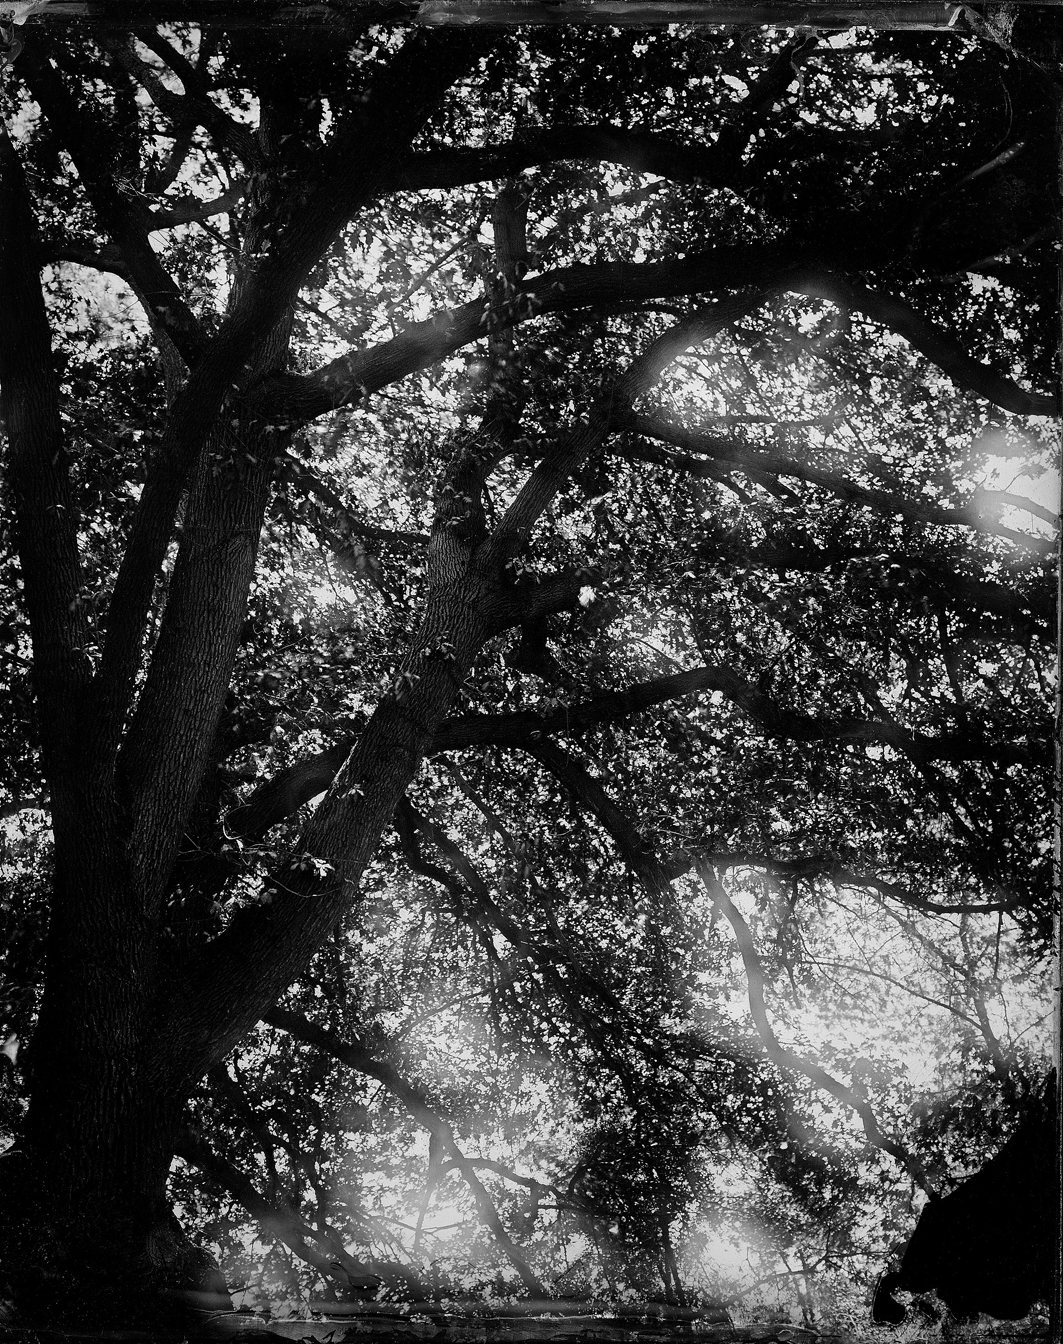 """(2)   Jardín     Negro 2: Ambrotipo    8x10""""  (2015) © Fernanda Larraín"""